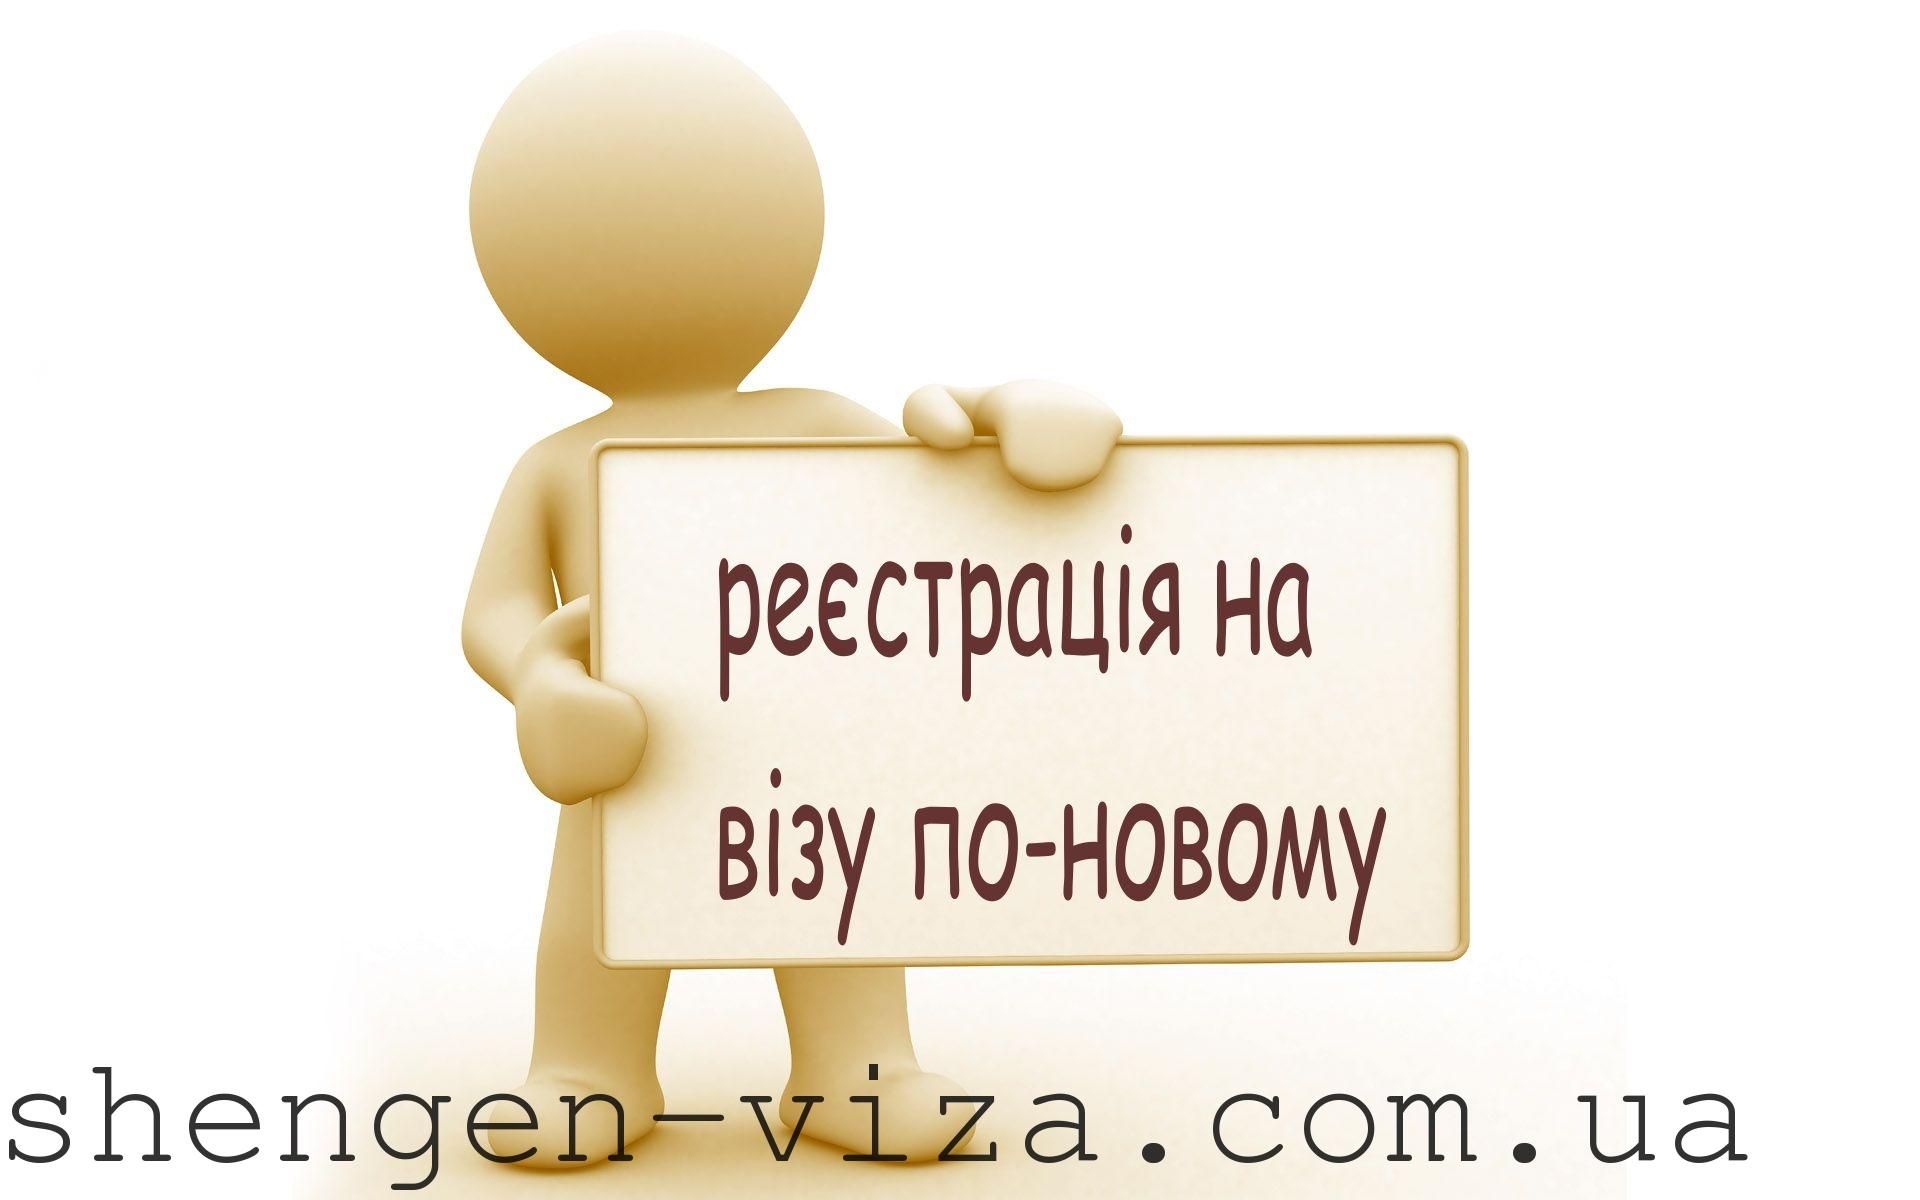 Реєстрація на візу до Польщі по-новому